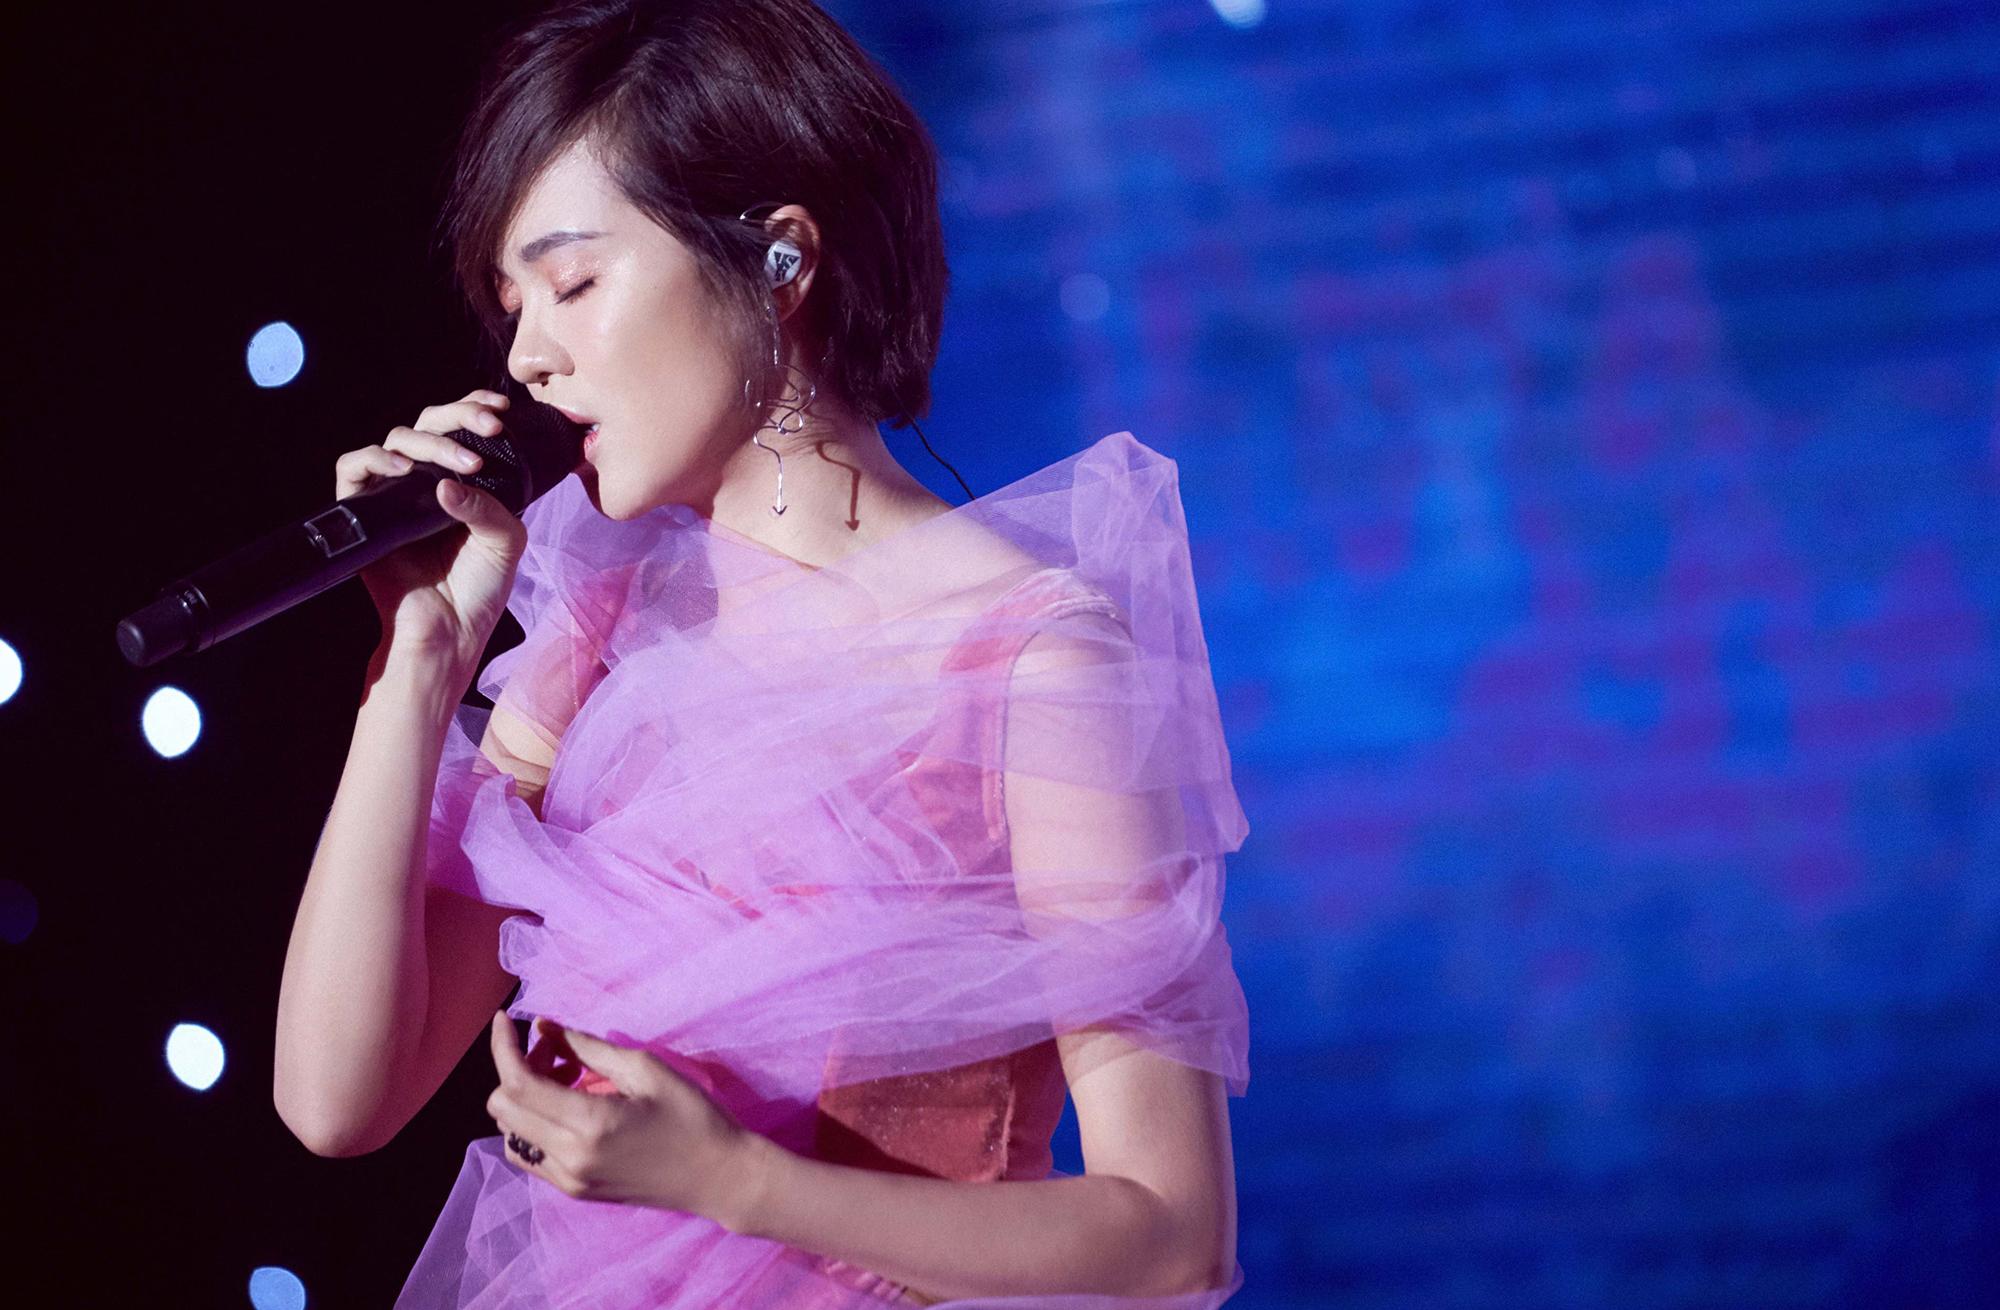 郁可唯签约华研国际音 期待唱出更多经典